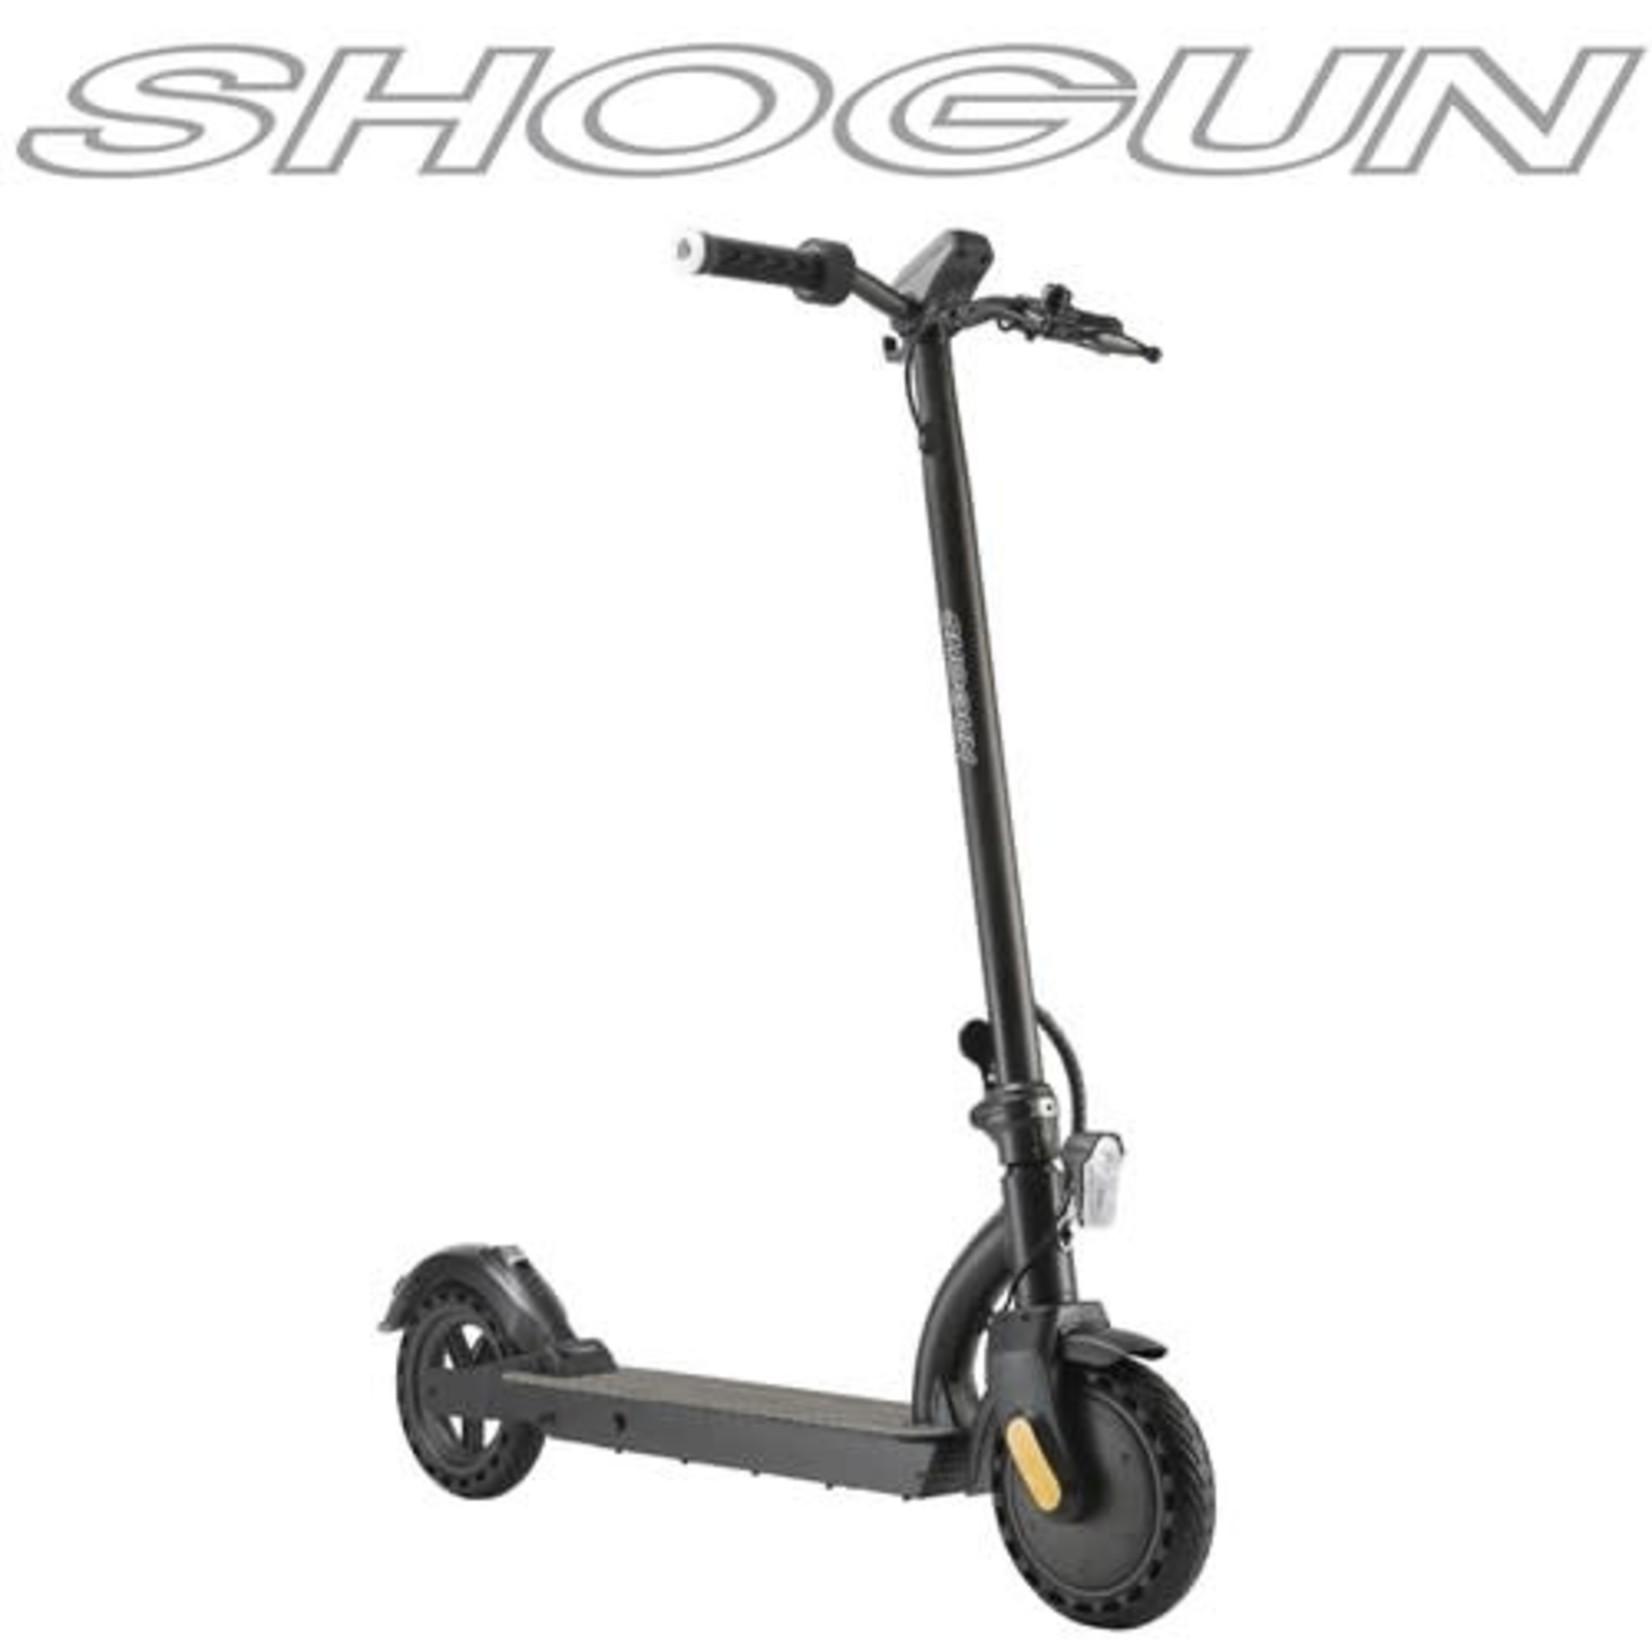 Shogun Shogun Flyer Electric Scooter 2021